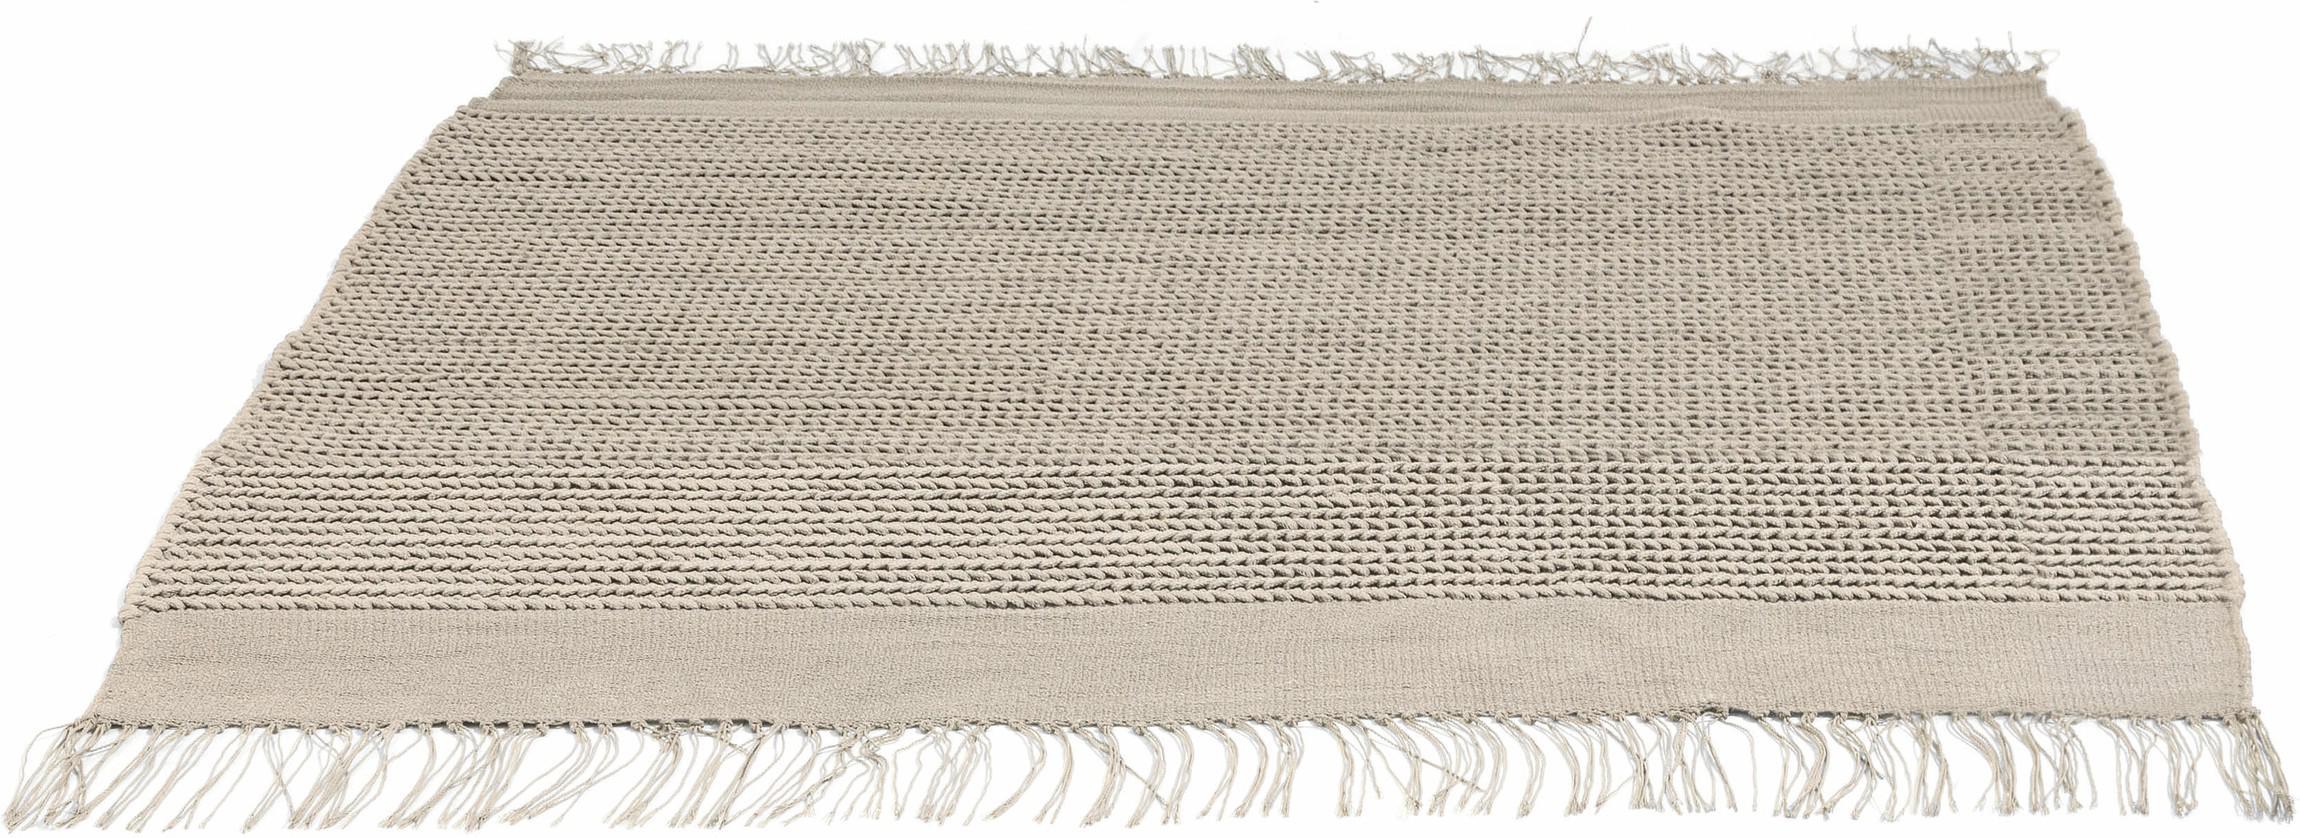 Teppiche Twist 170 x 230 bronze